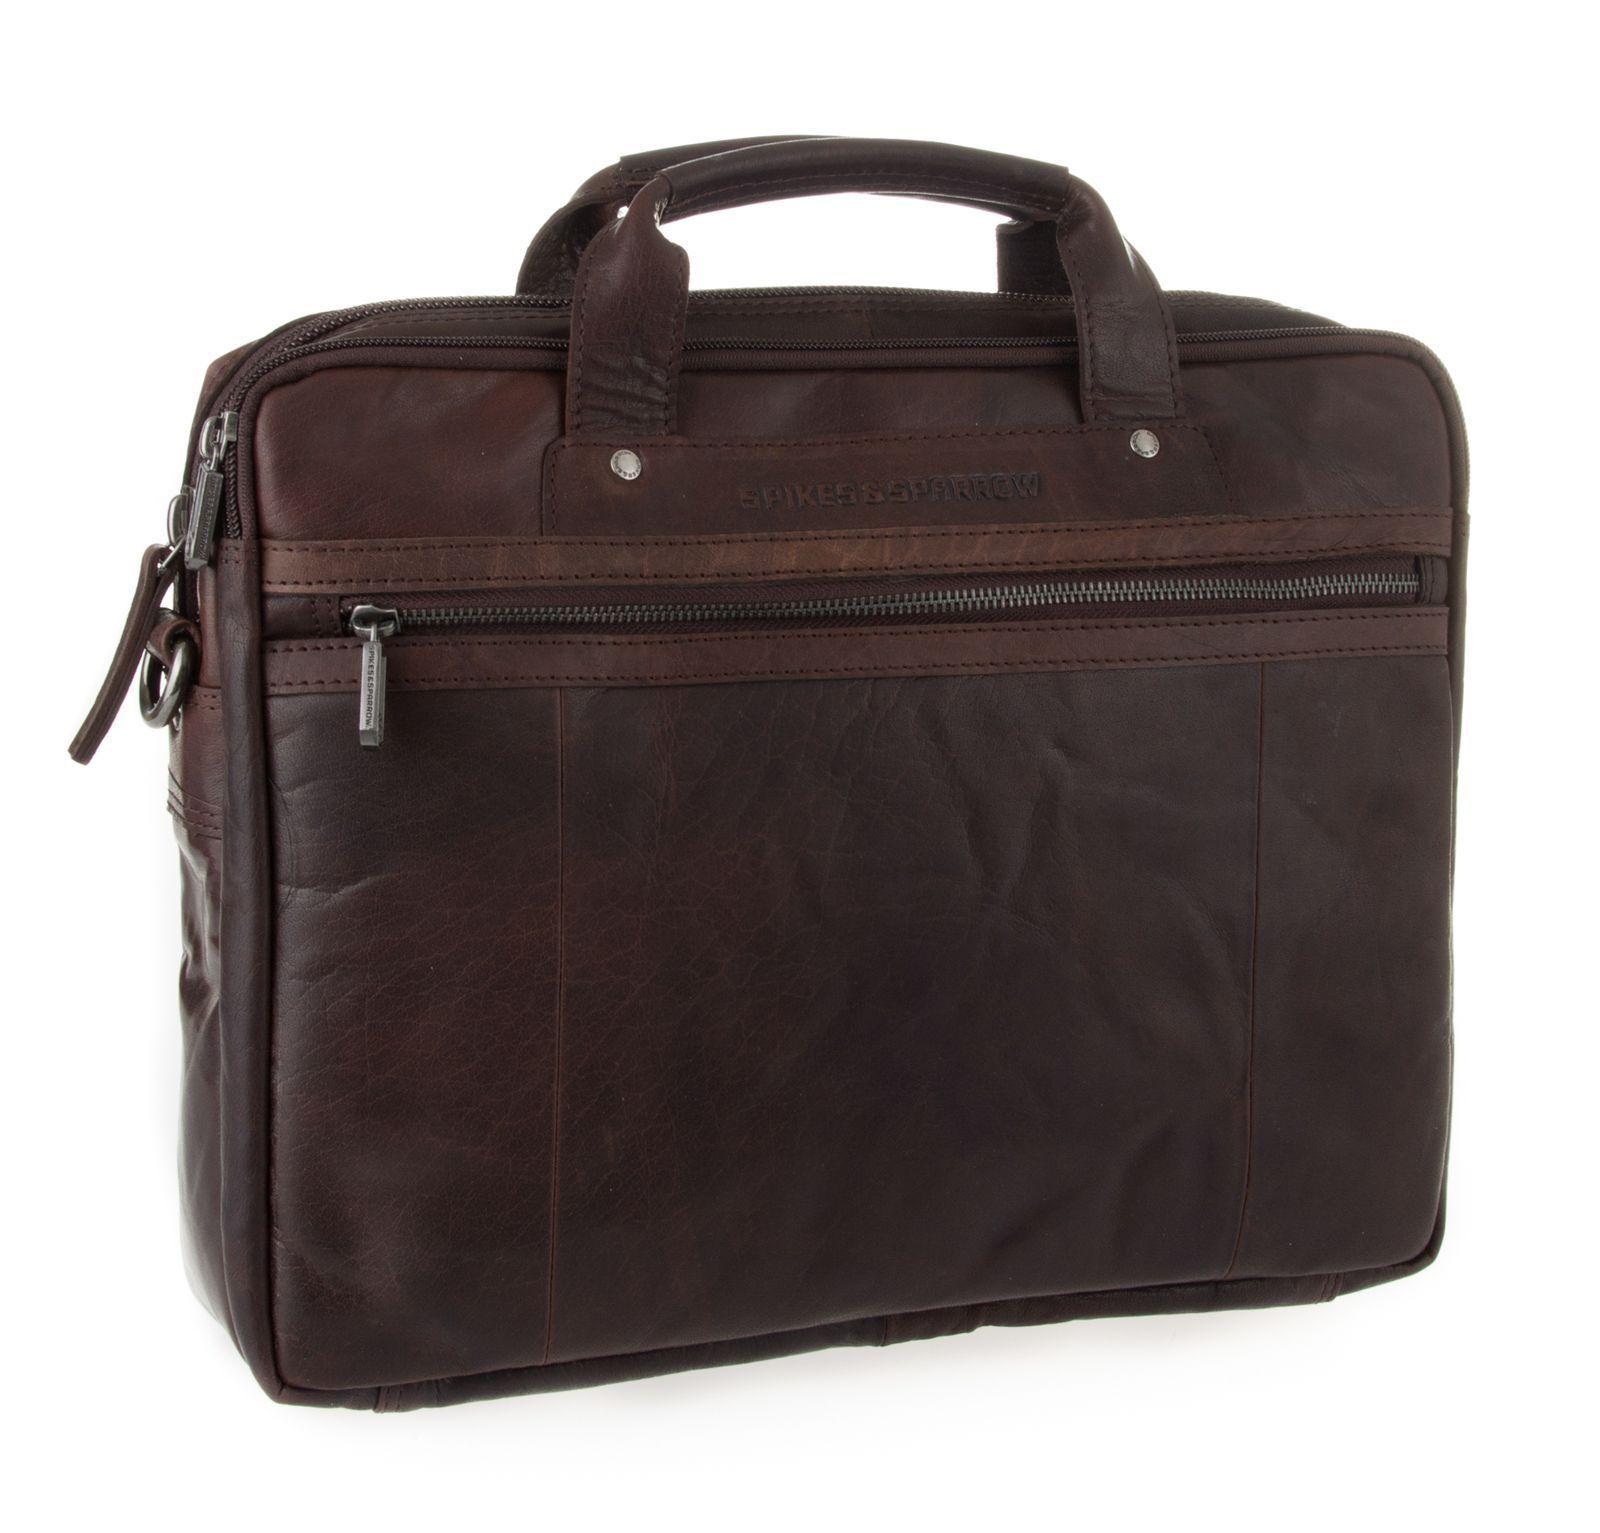 SPIKES & SPARROW Bronco Business Bag S Umhängetasche Tasche Dark braun Braun Neu   Online-verkauf    Lass unsere Waren in die Welt gehen    Leicht zu reinigende Oberfläche